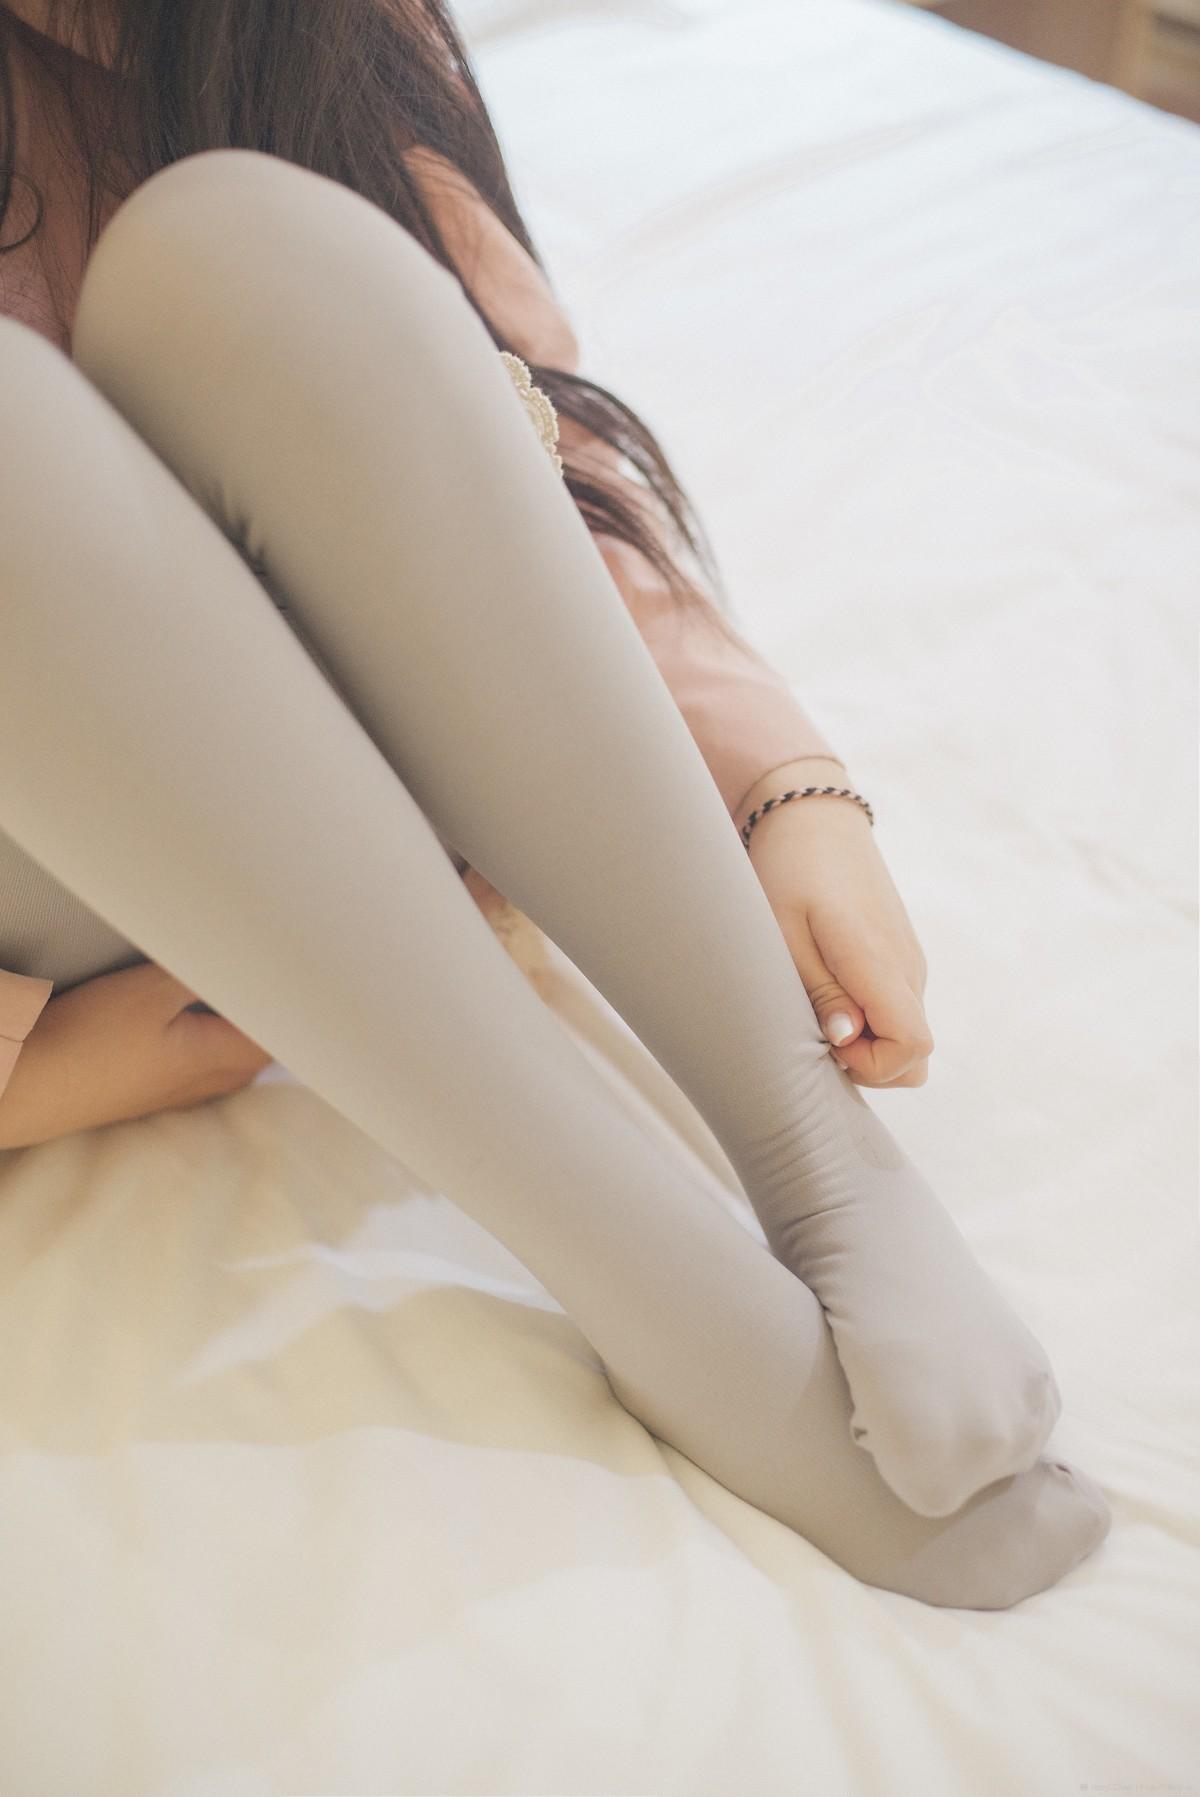 только красивых девушек ноги в белых носочках